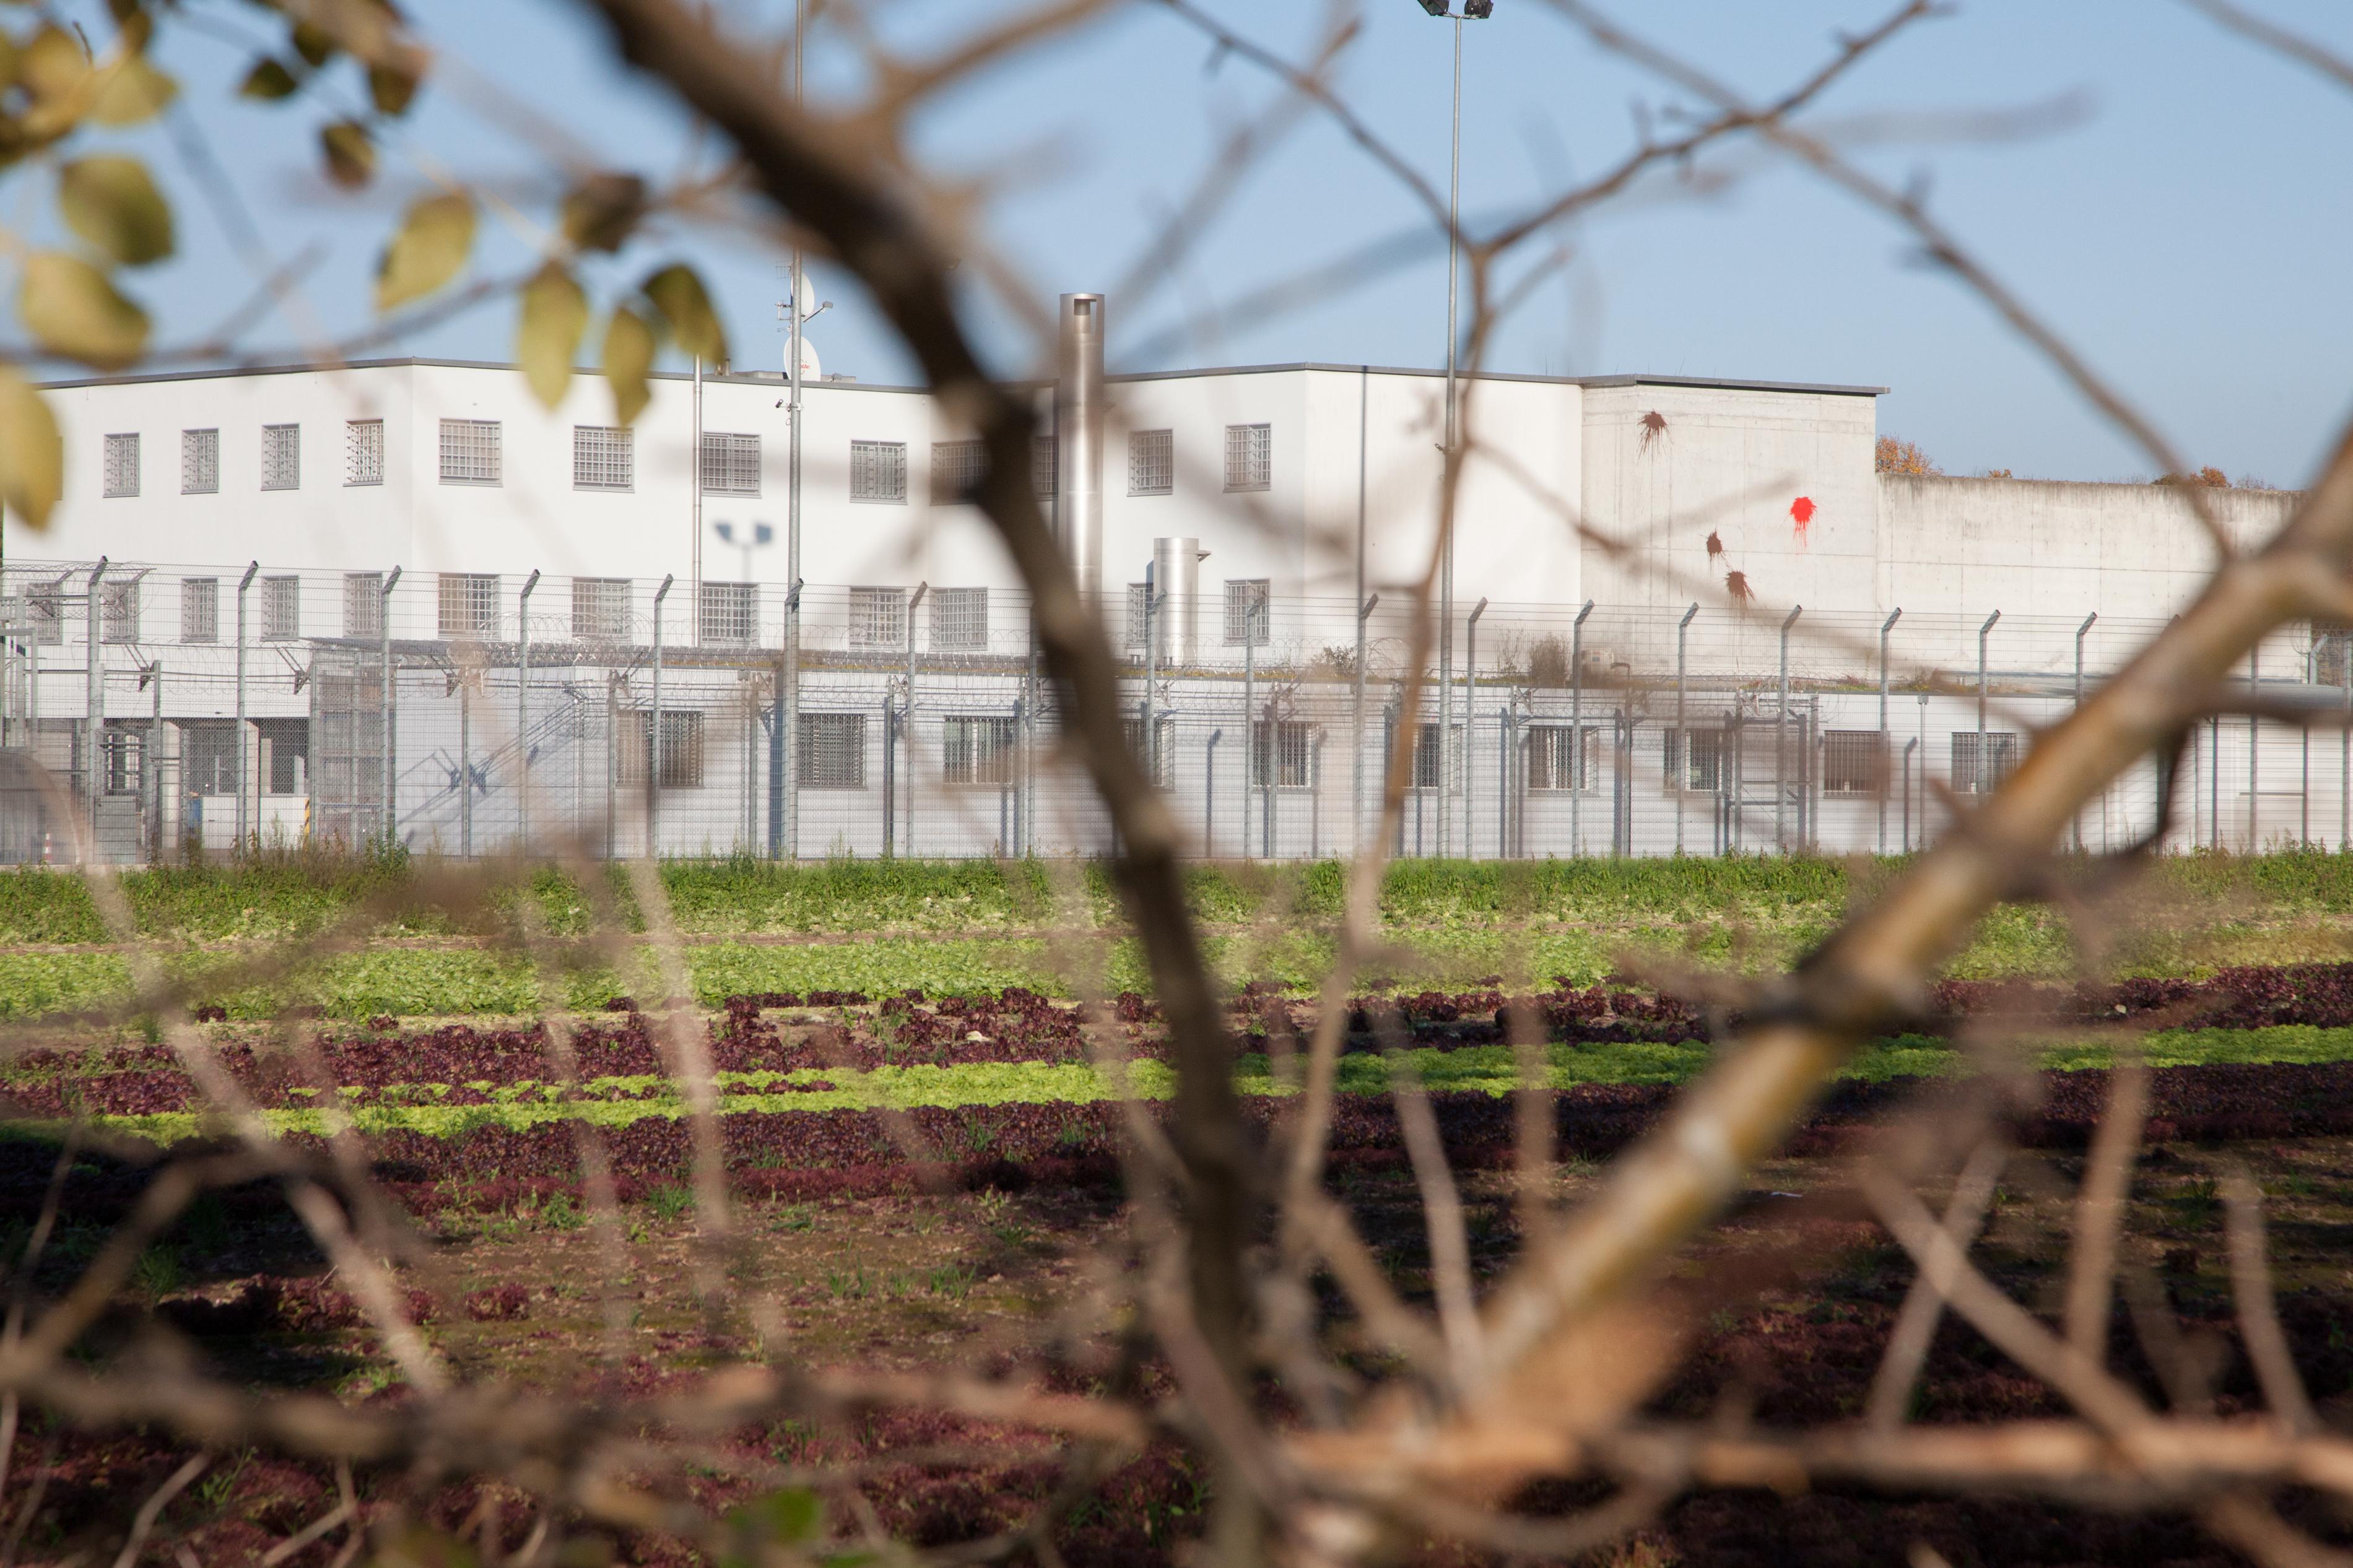 Das Gefängnis ist der Nachbar der bblackboxx – und der Grund, warum es sie gibt.